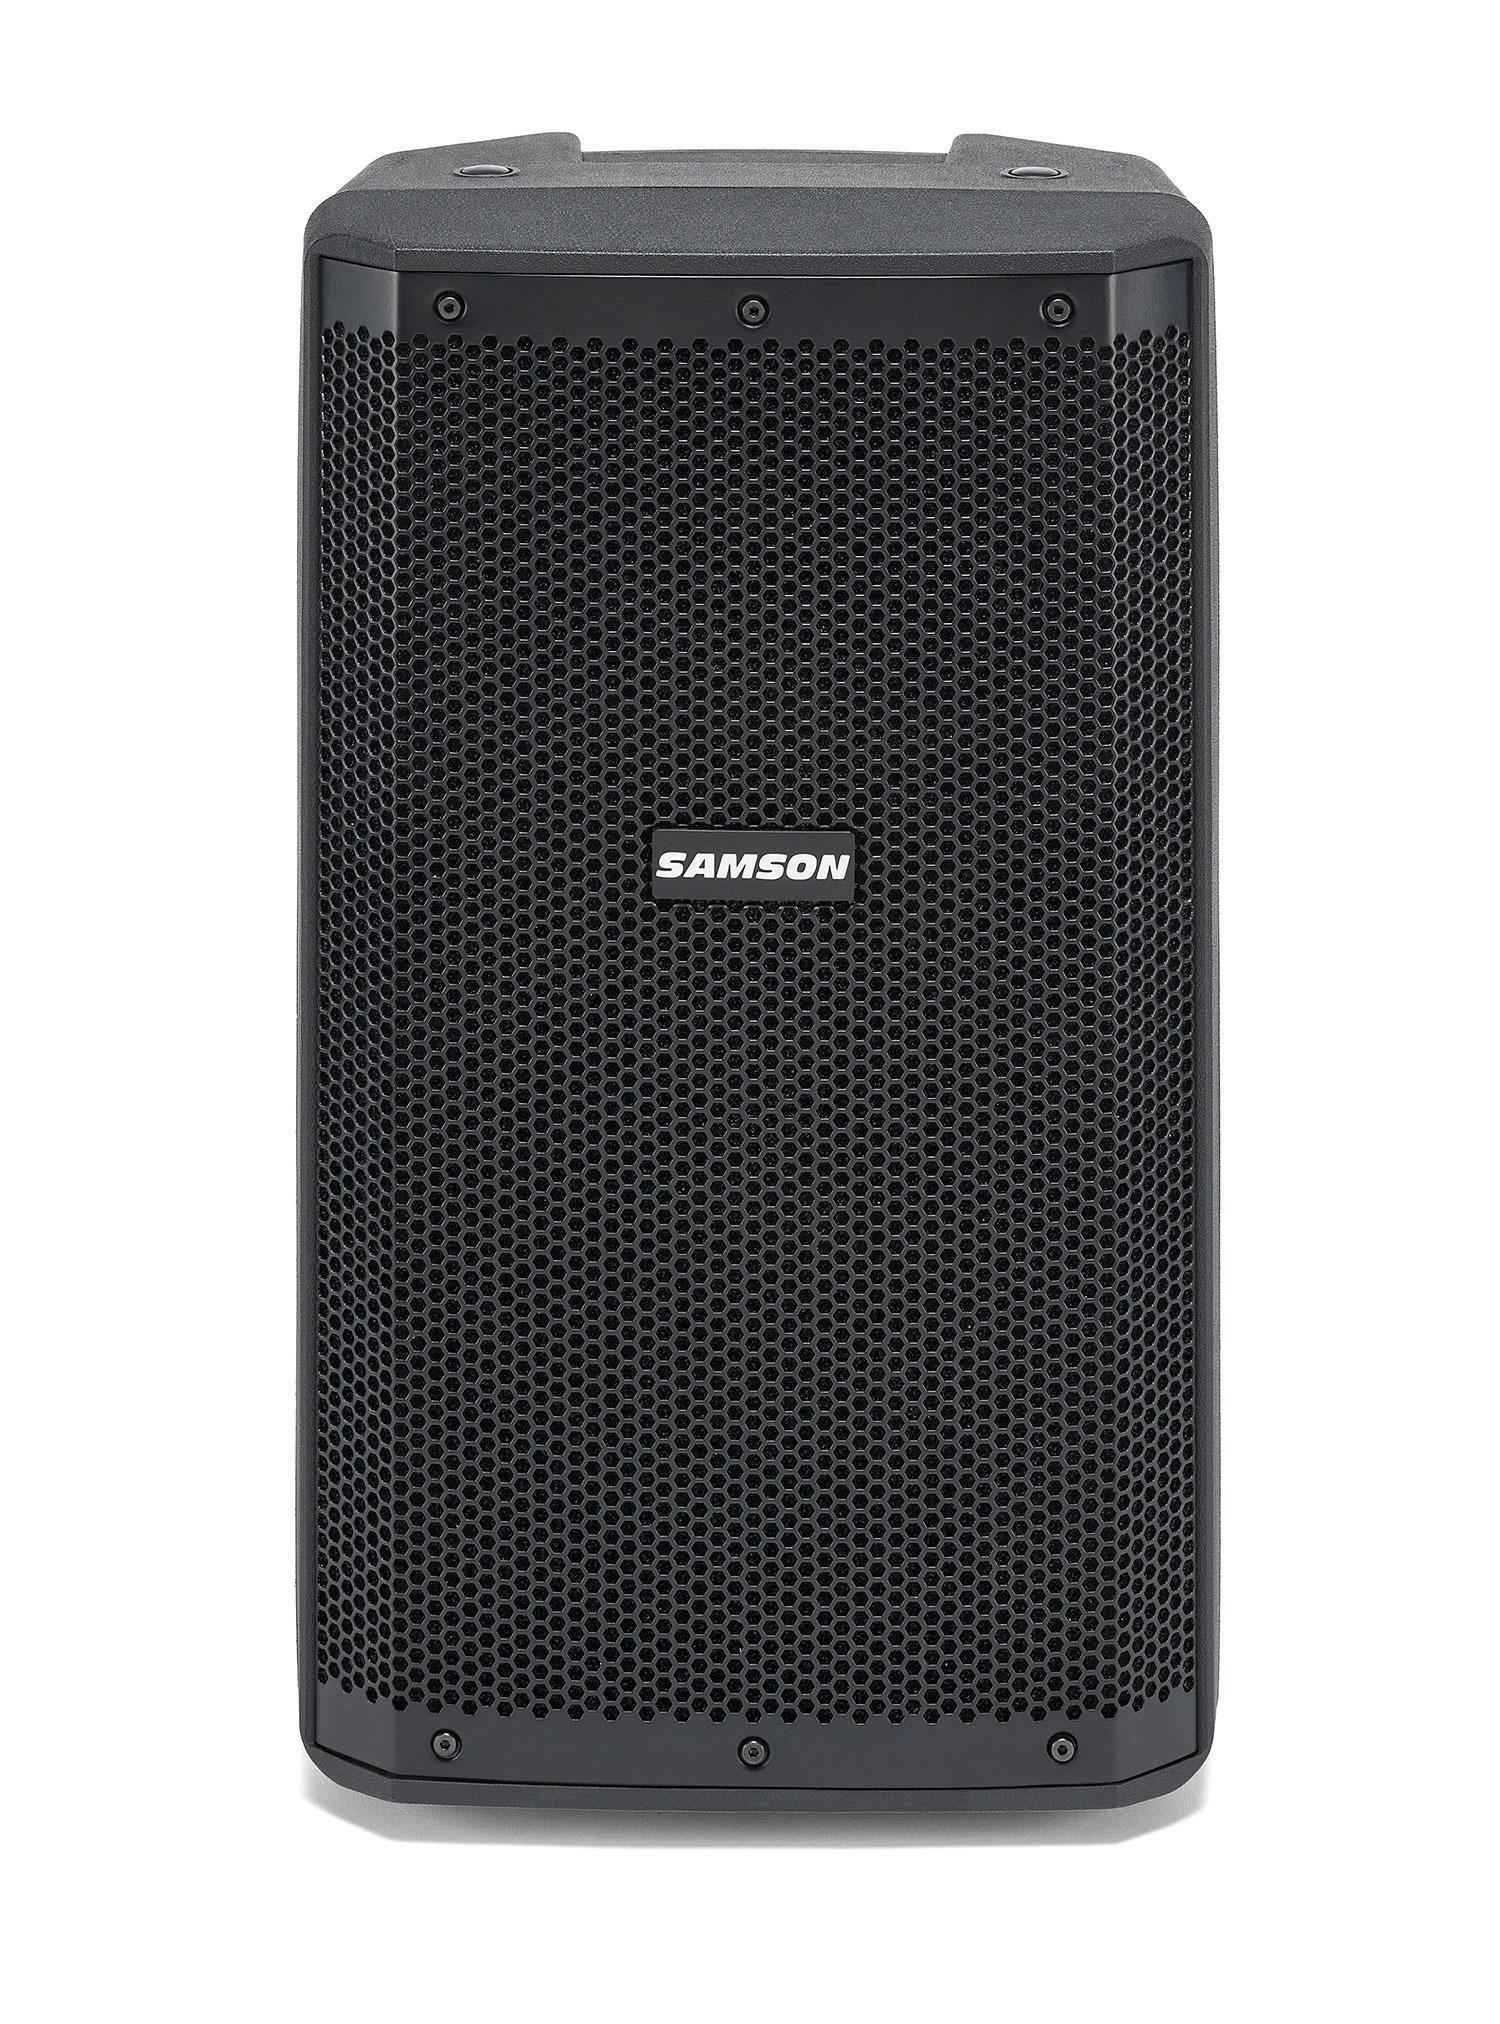 Samson RS110a - Cassa attiva 300w. due vie. 10 - Dj Equipment Casse e Monitor - Diffusori Attivi